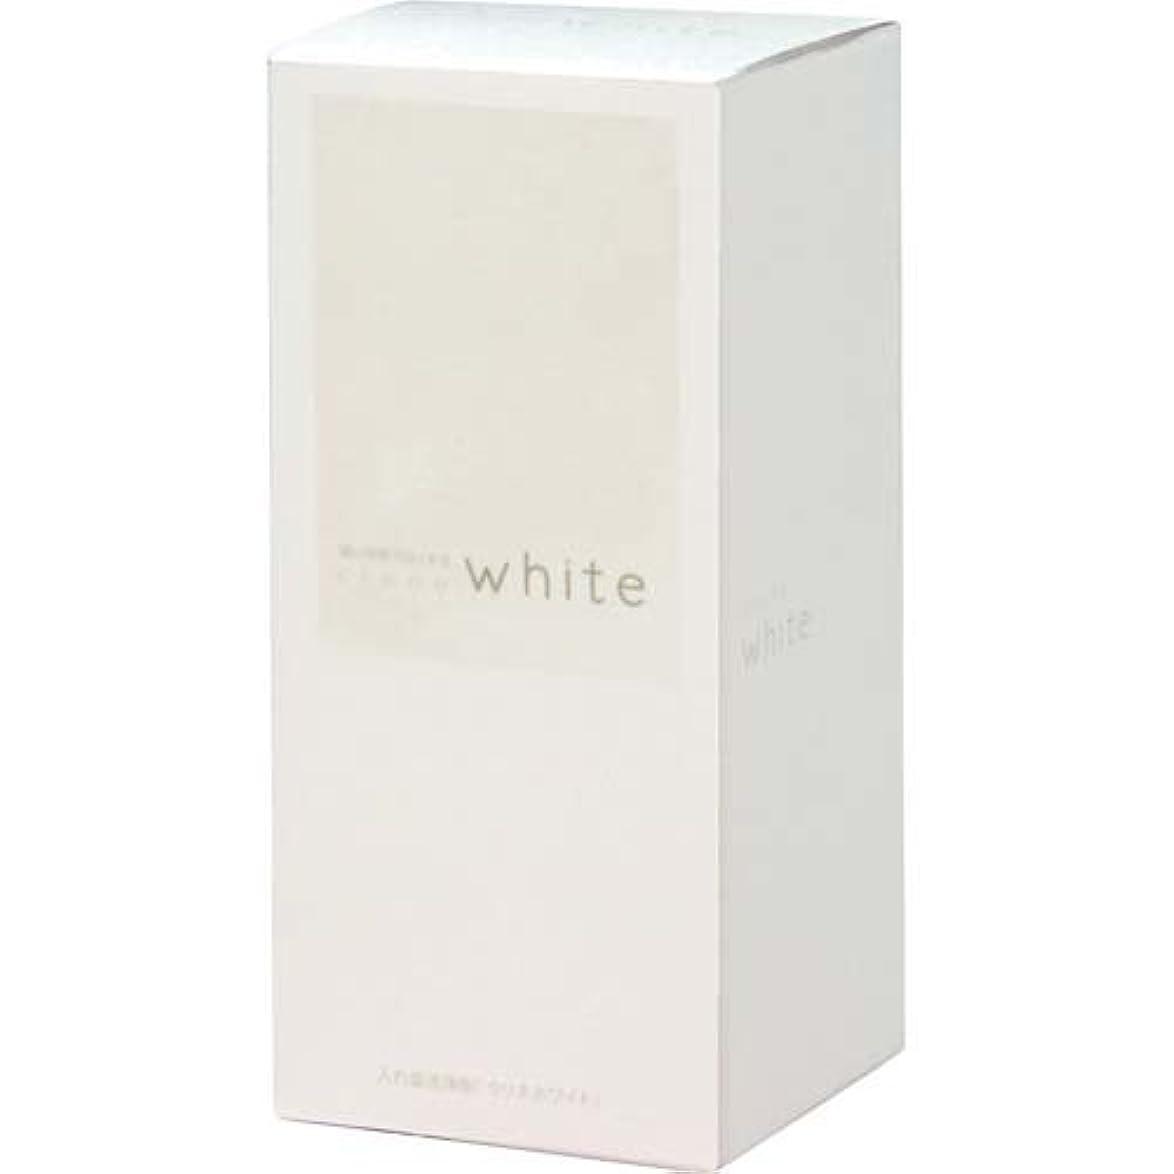 配当愛されし者あいまい短い時間で白くする 強力入れ歯洗浄剤 クリネホワイト